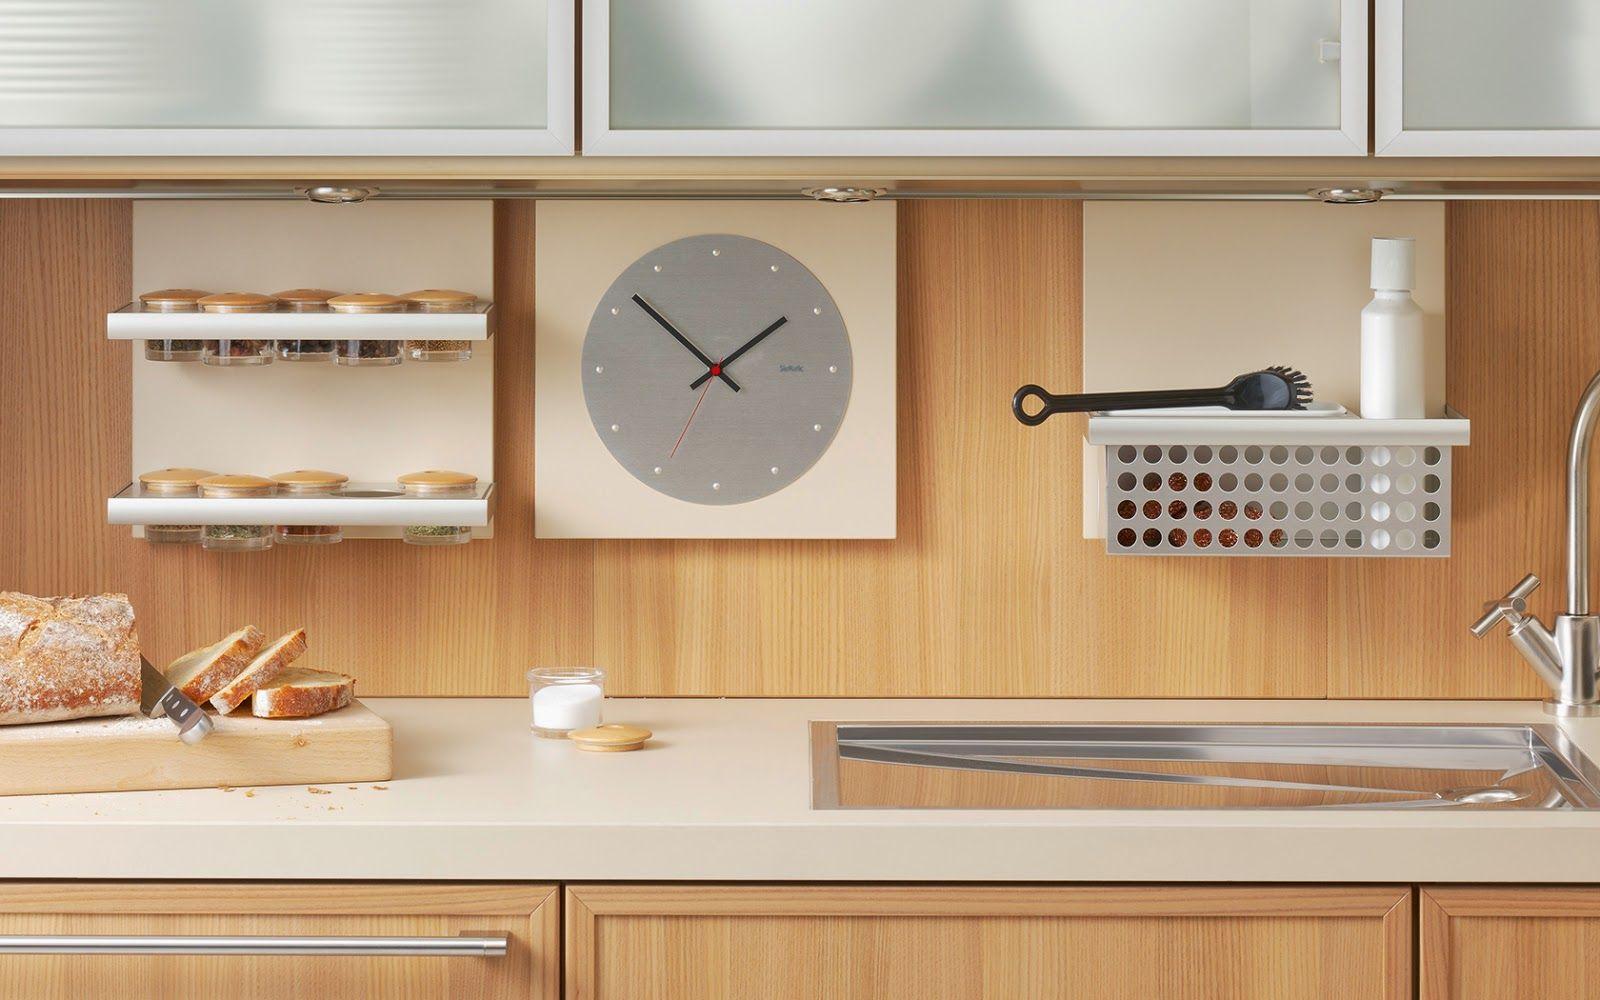 Accesorios de cocina para la pared: para tener todo a mano - Cocinas ...